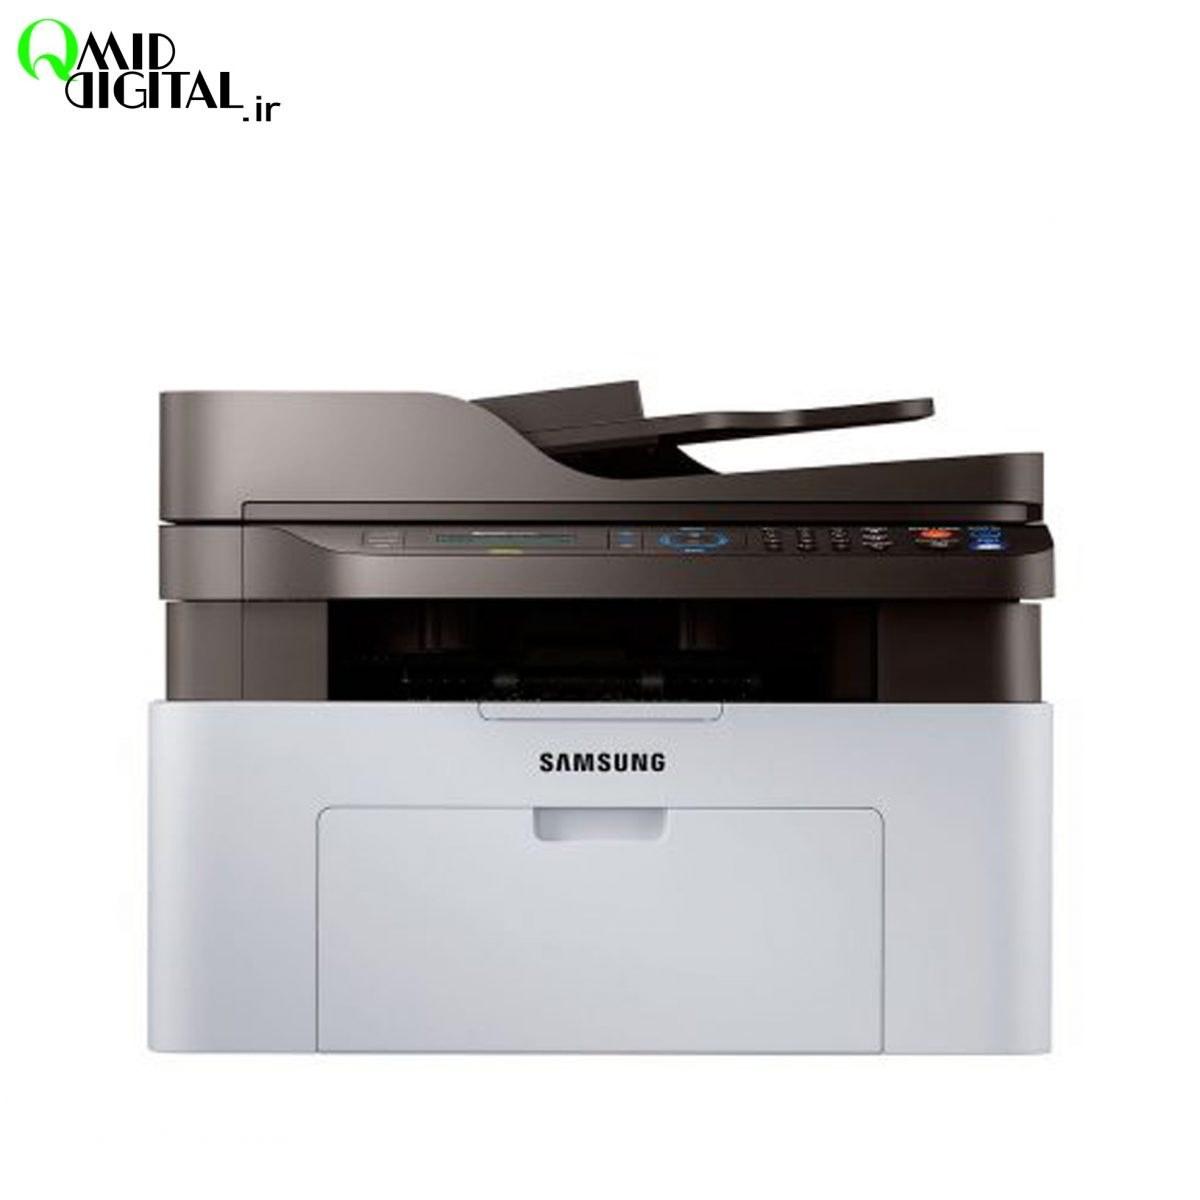 تصویر Multifunction Laser Printer Samsung Xpress M2070F پرینتر لیزری چندکاره سامسونگ Xpress M2070F